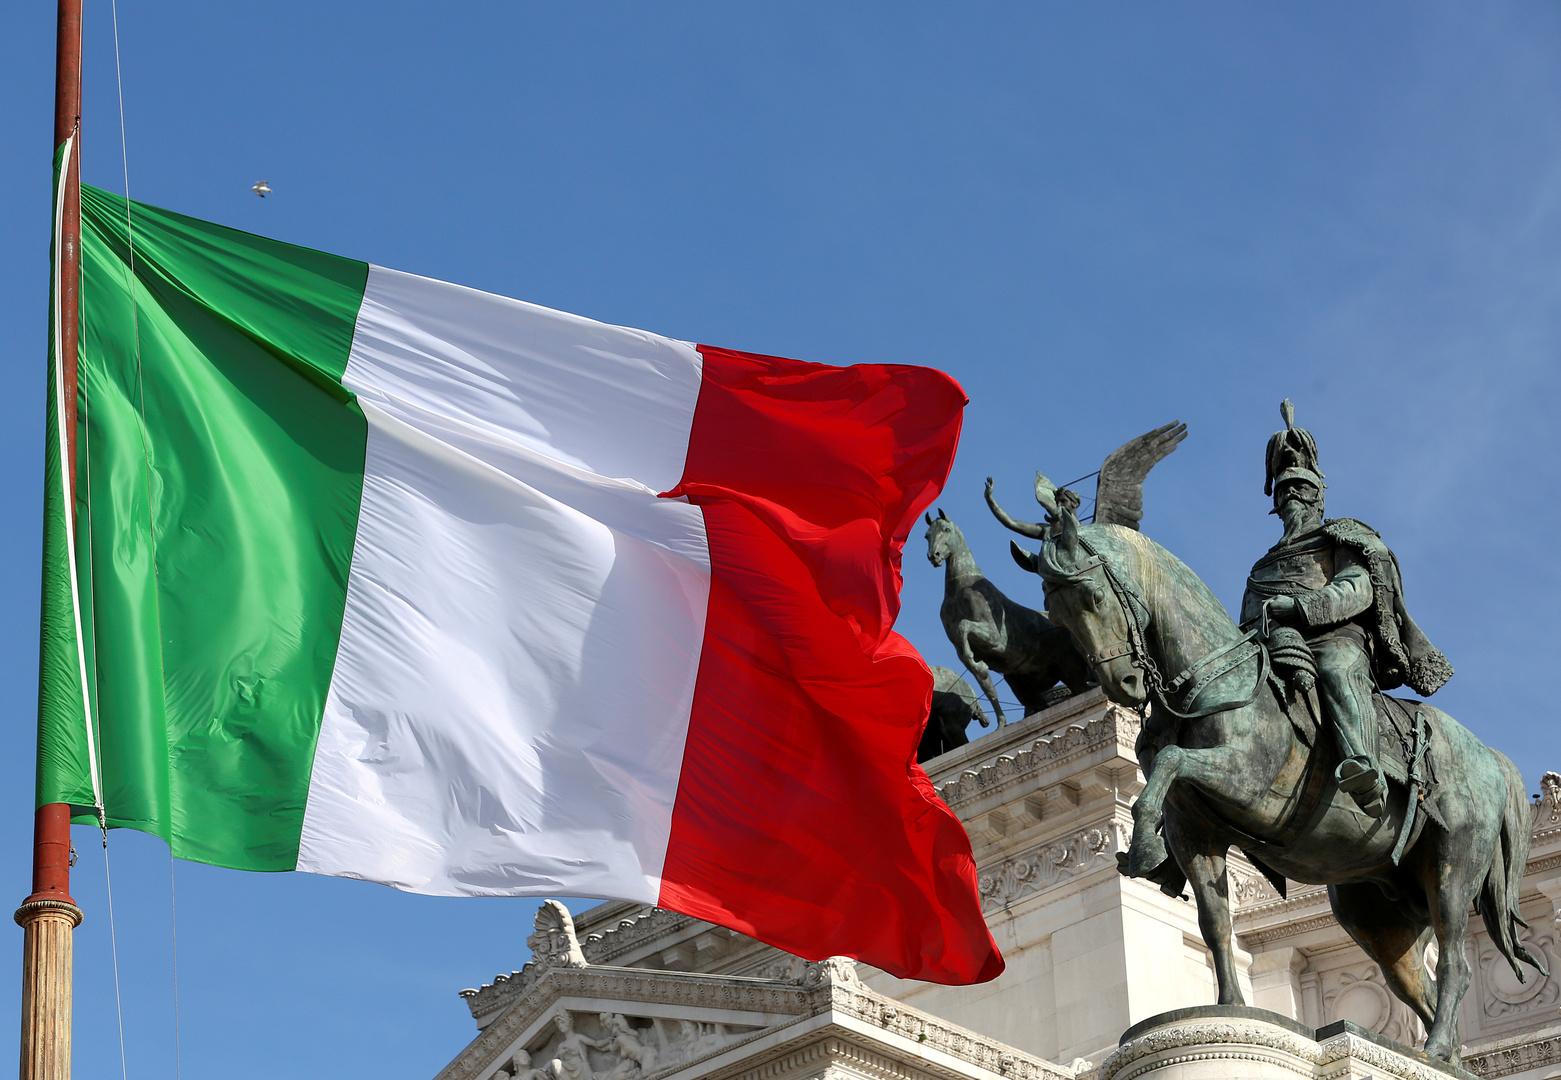 إيطاليا تعلن توقيف شخصين بتهمة